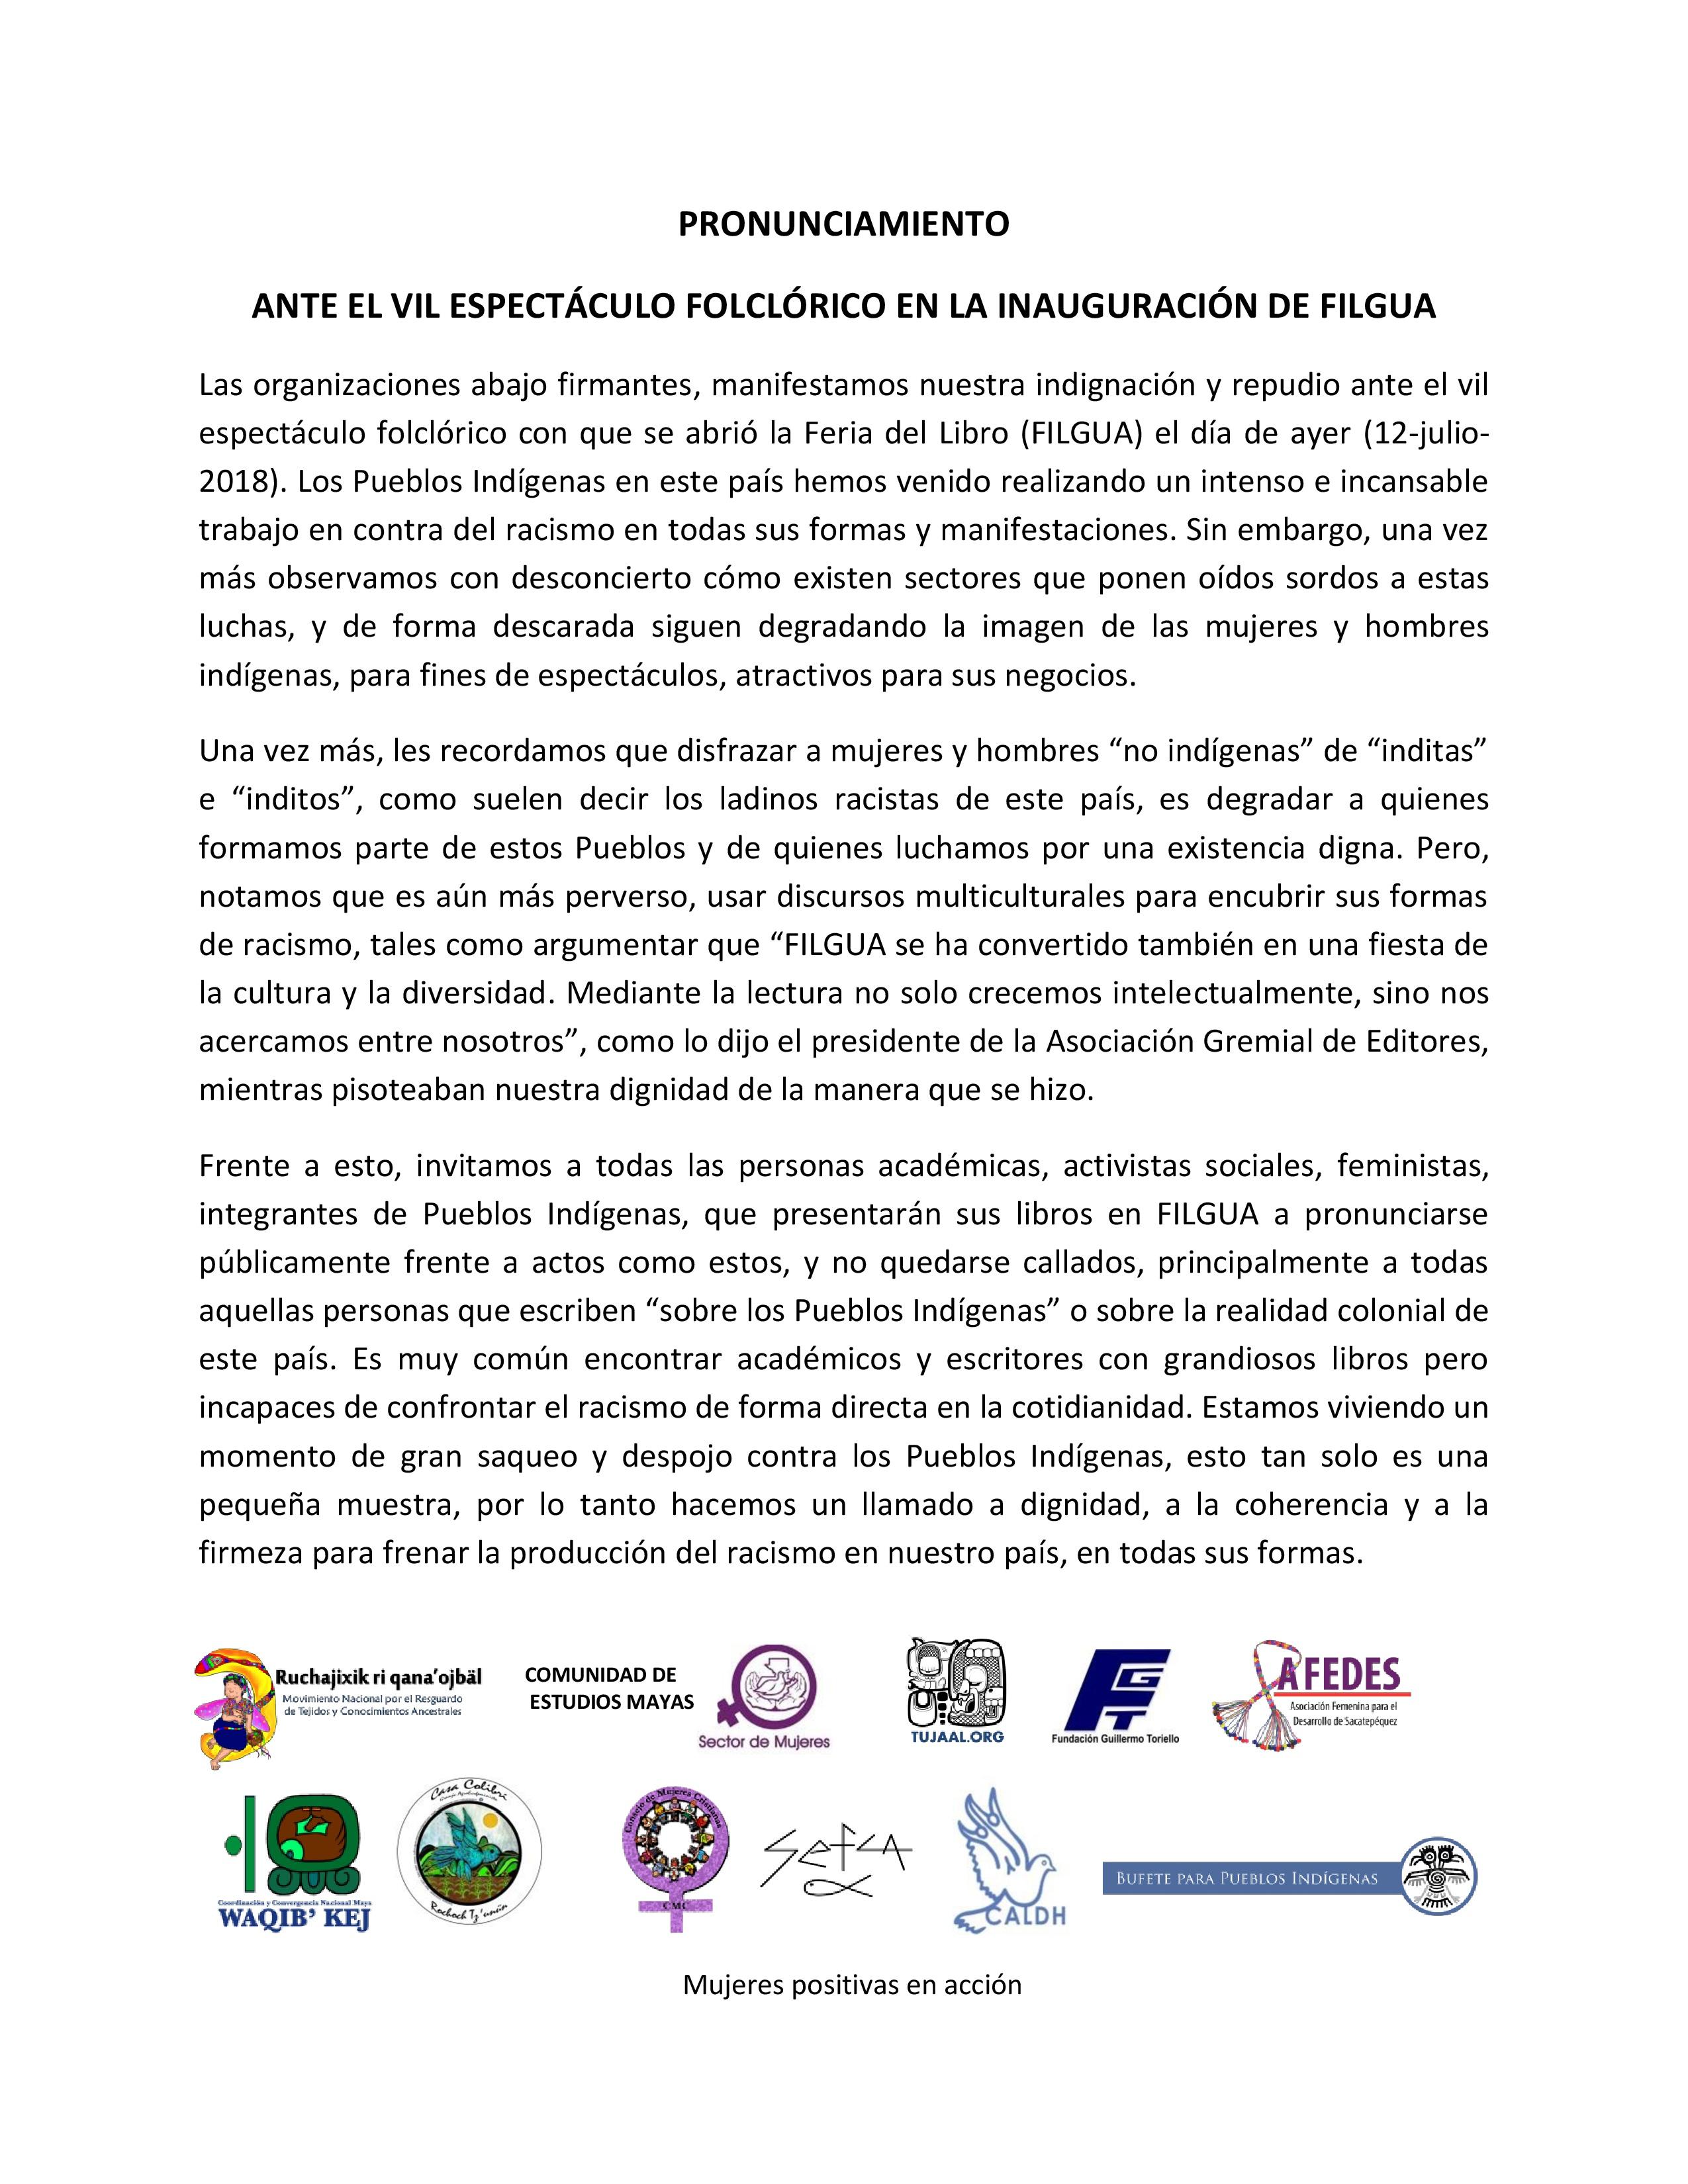 Pronunciamiento ante espectáculo RACISTA en FILGUA 2018